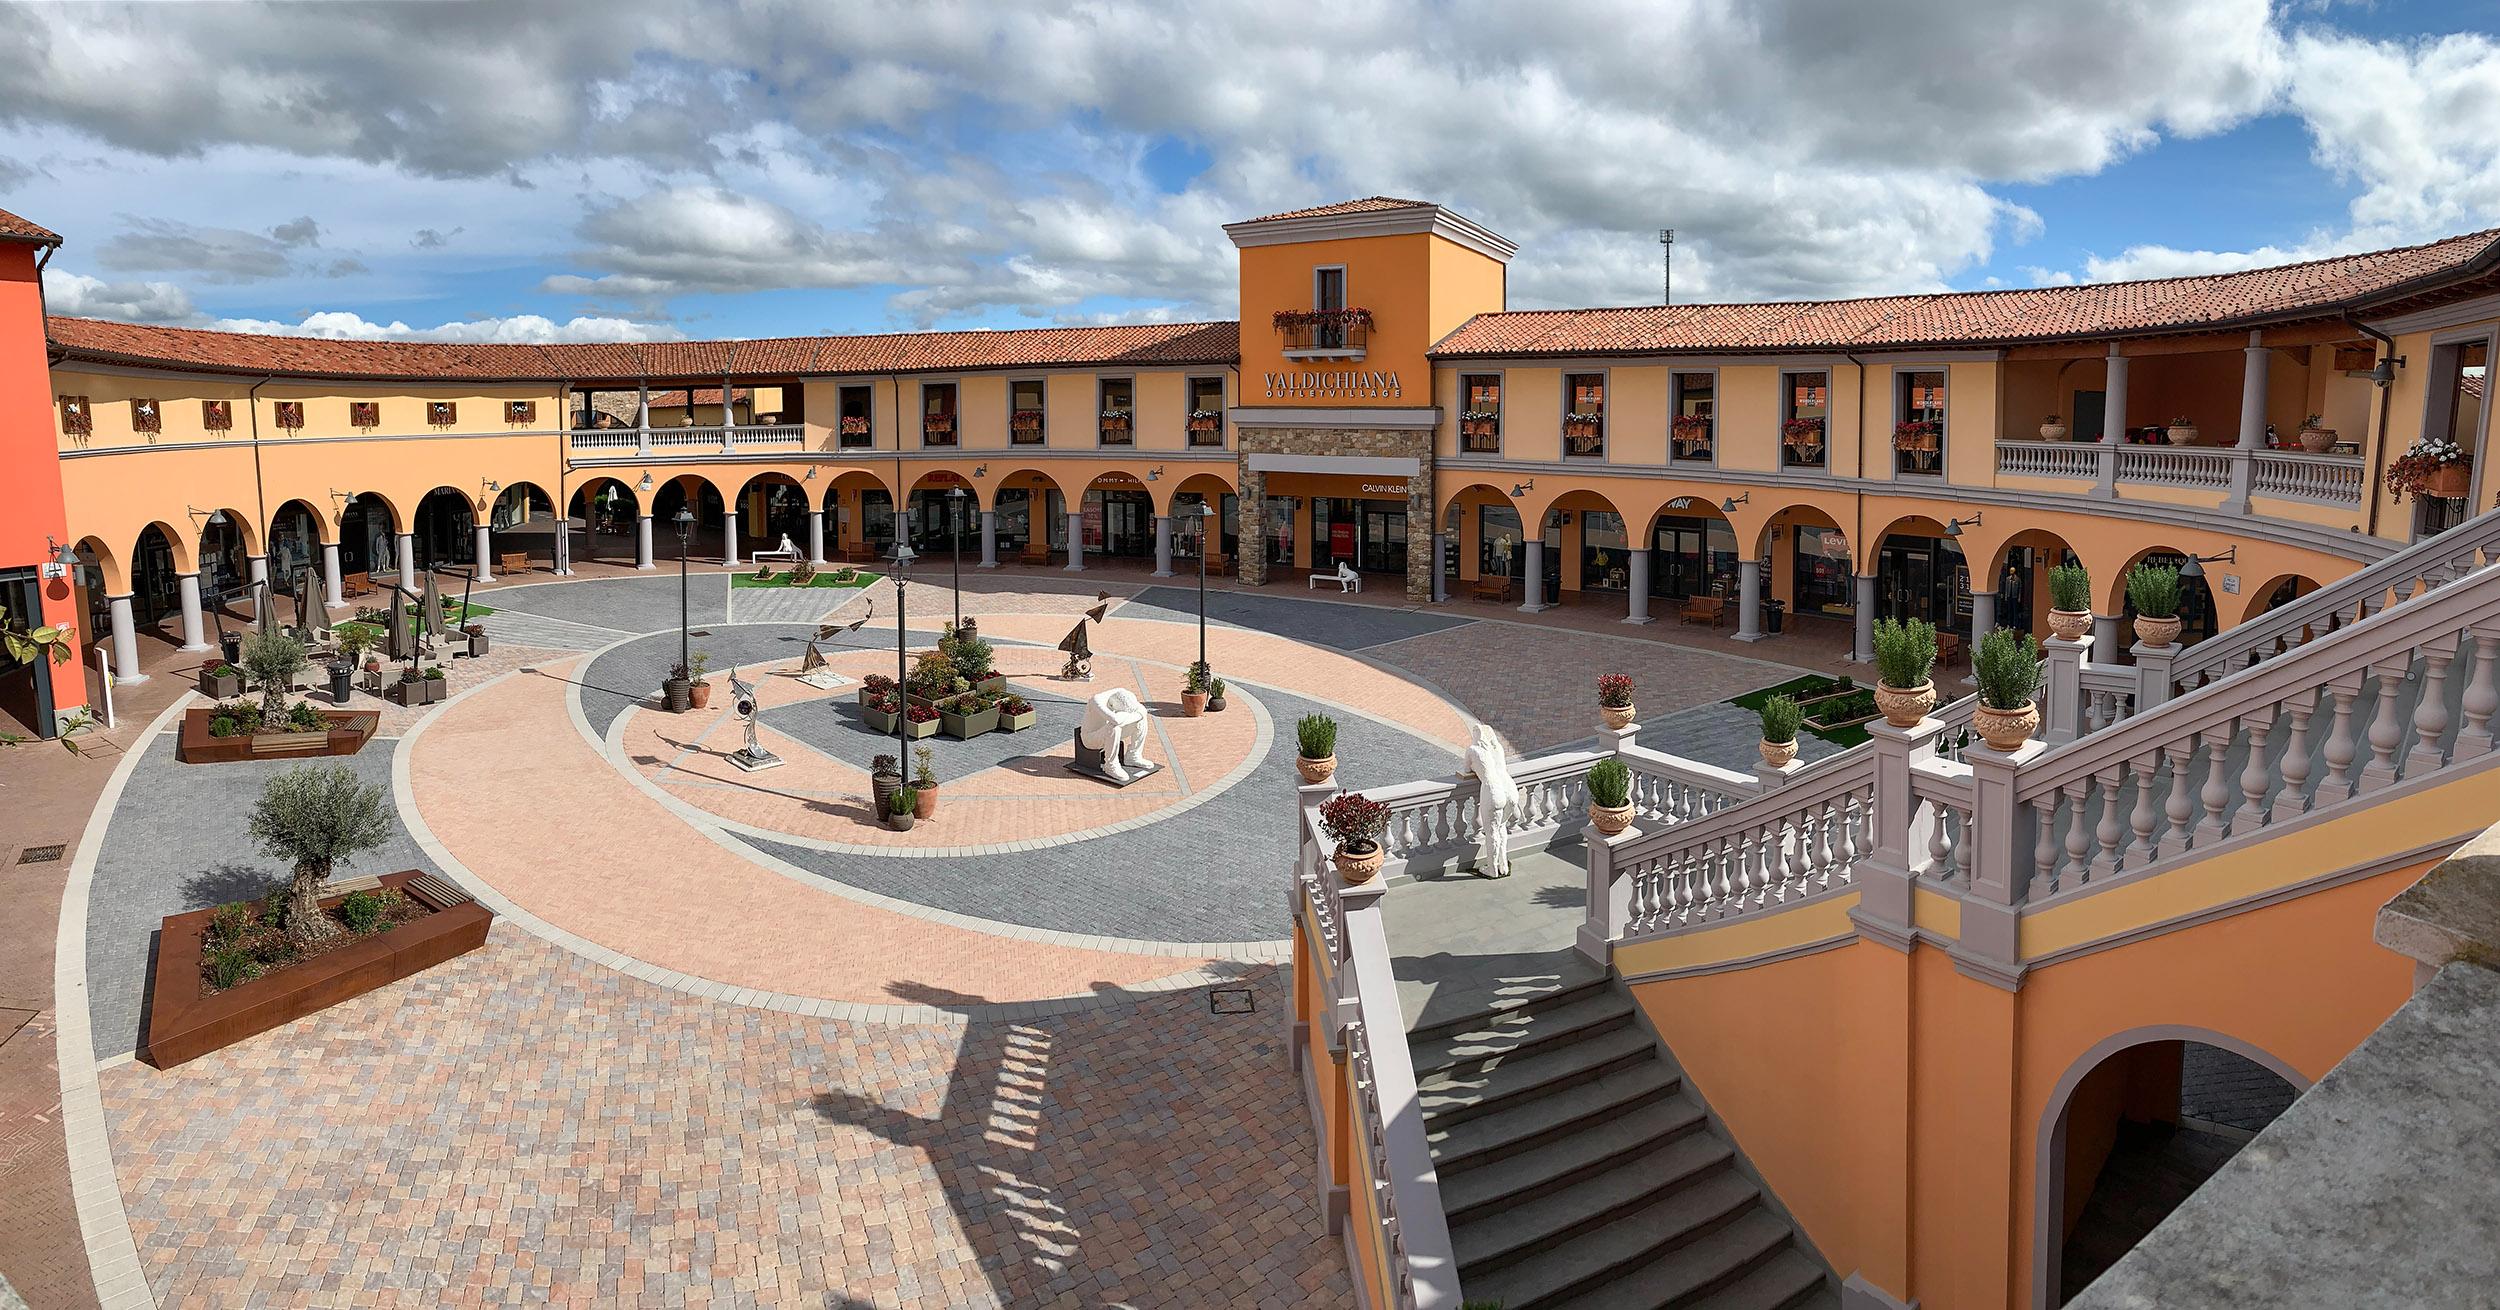 Valdichiana Outlet Village Piazza Maggiore Solids